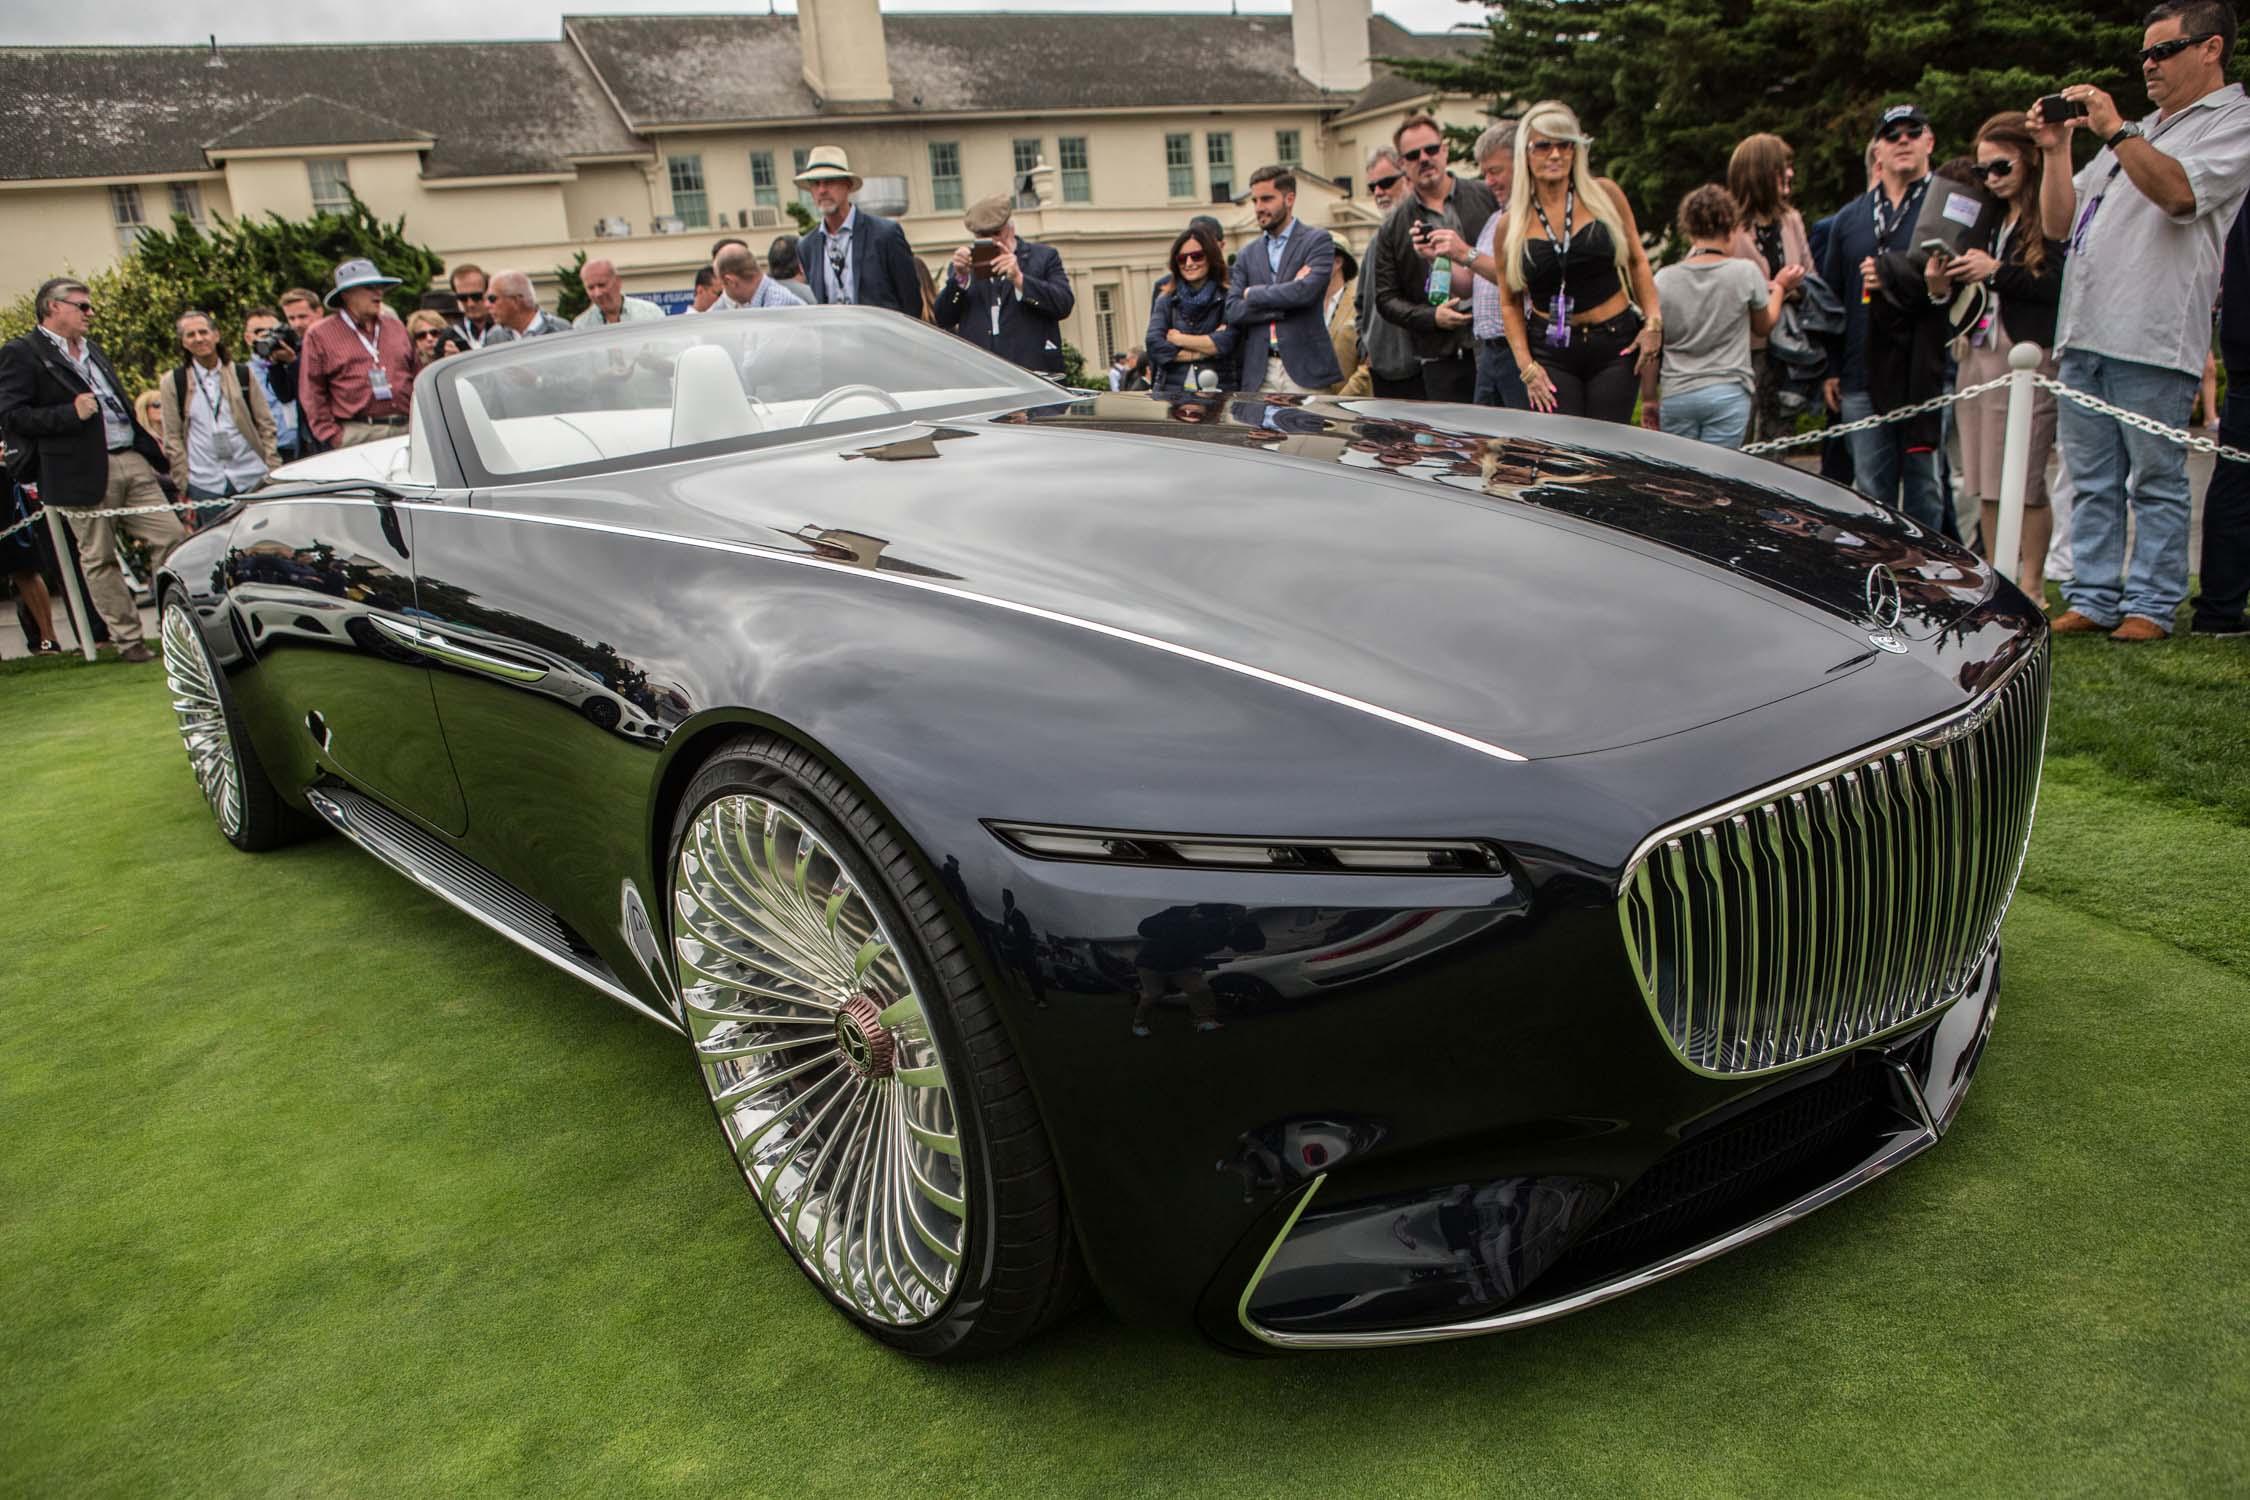 Pebble Beach Car Show >> 2017 Pebble Beach Concours Concept Cars Autonxt